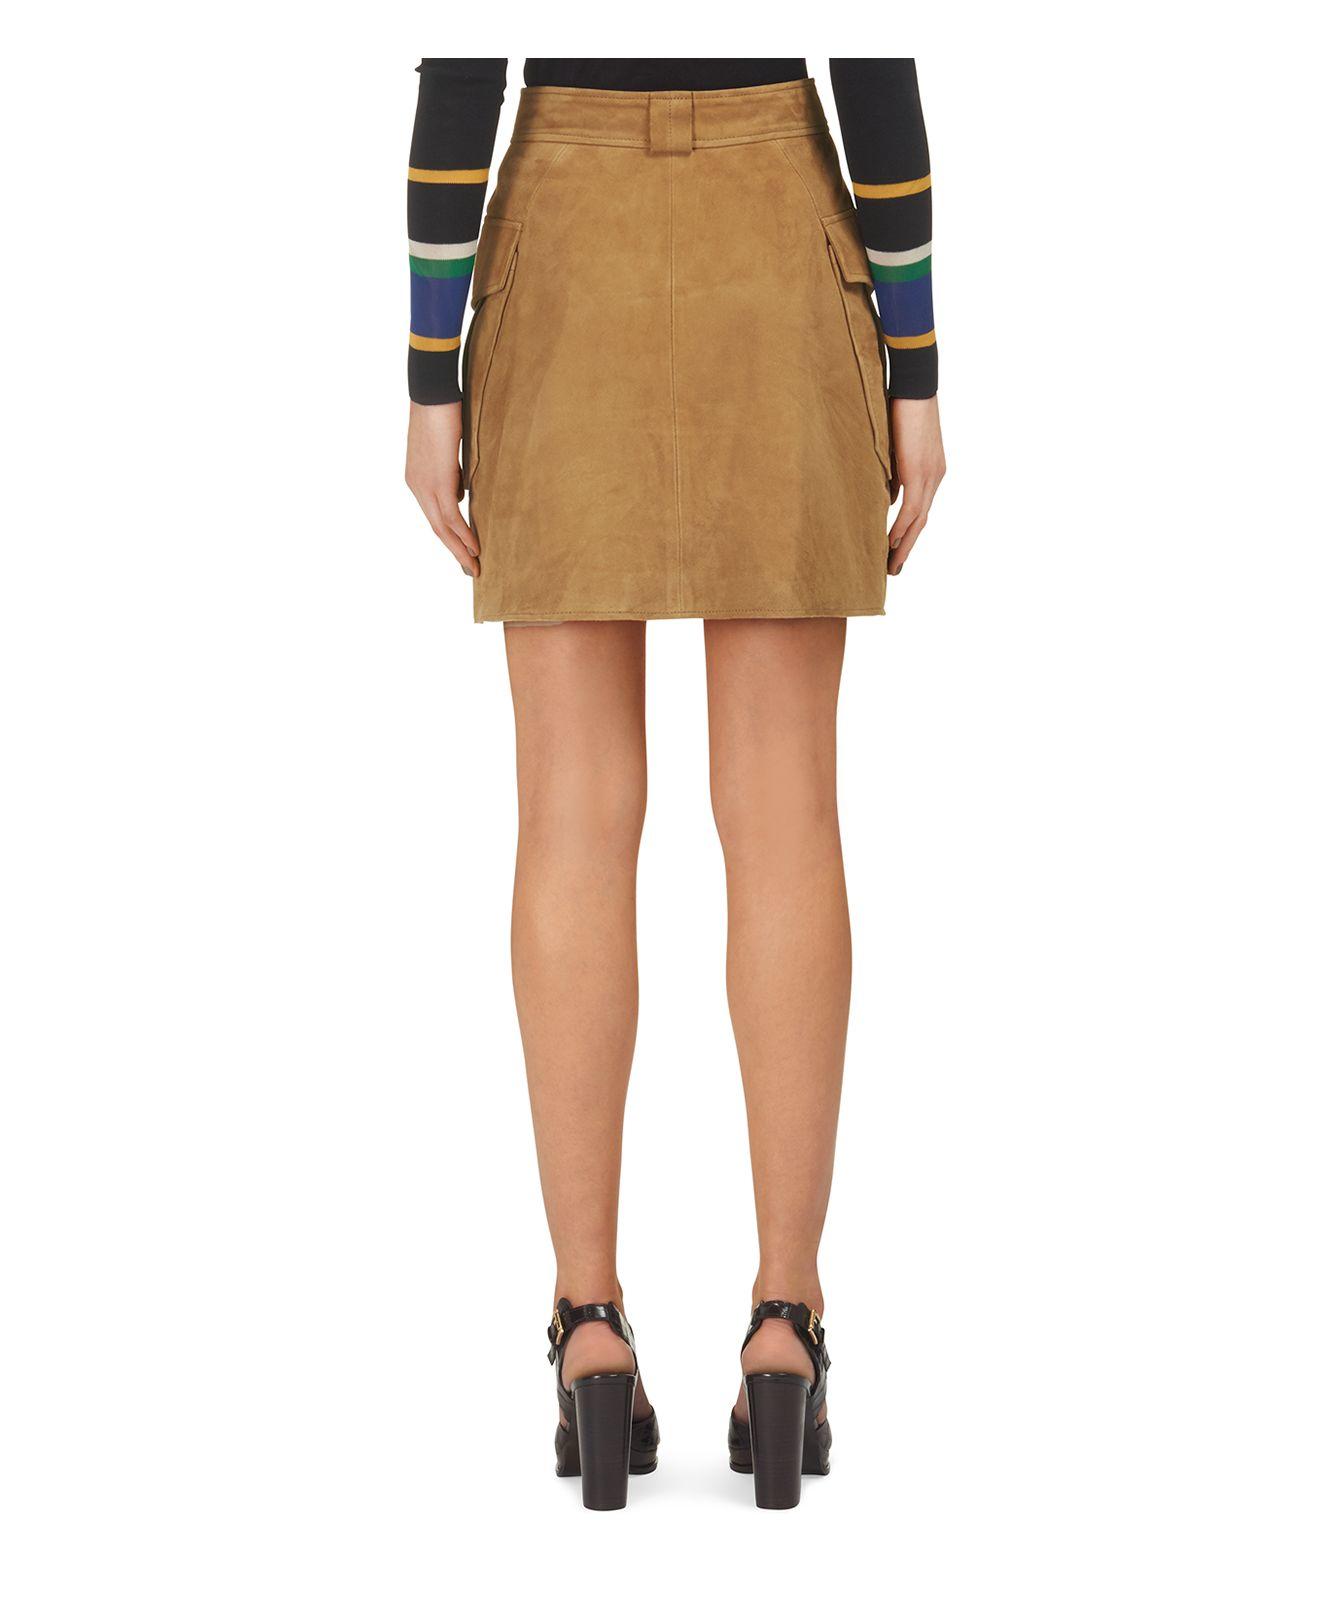 Cargo Pocket Skirt 120